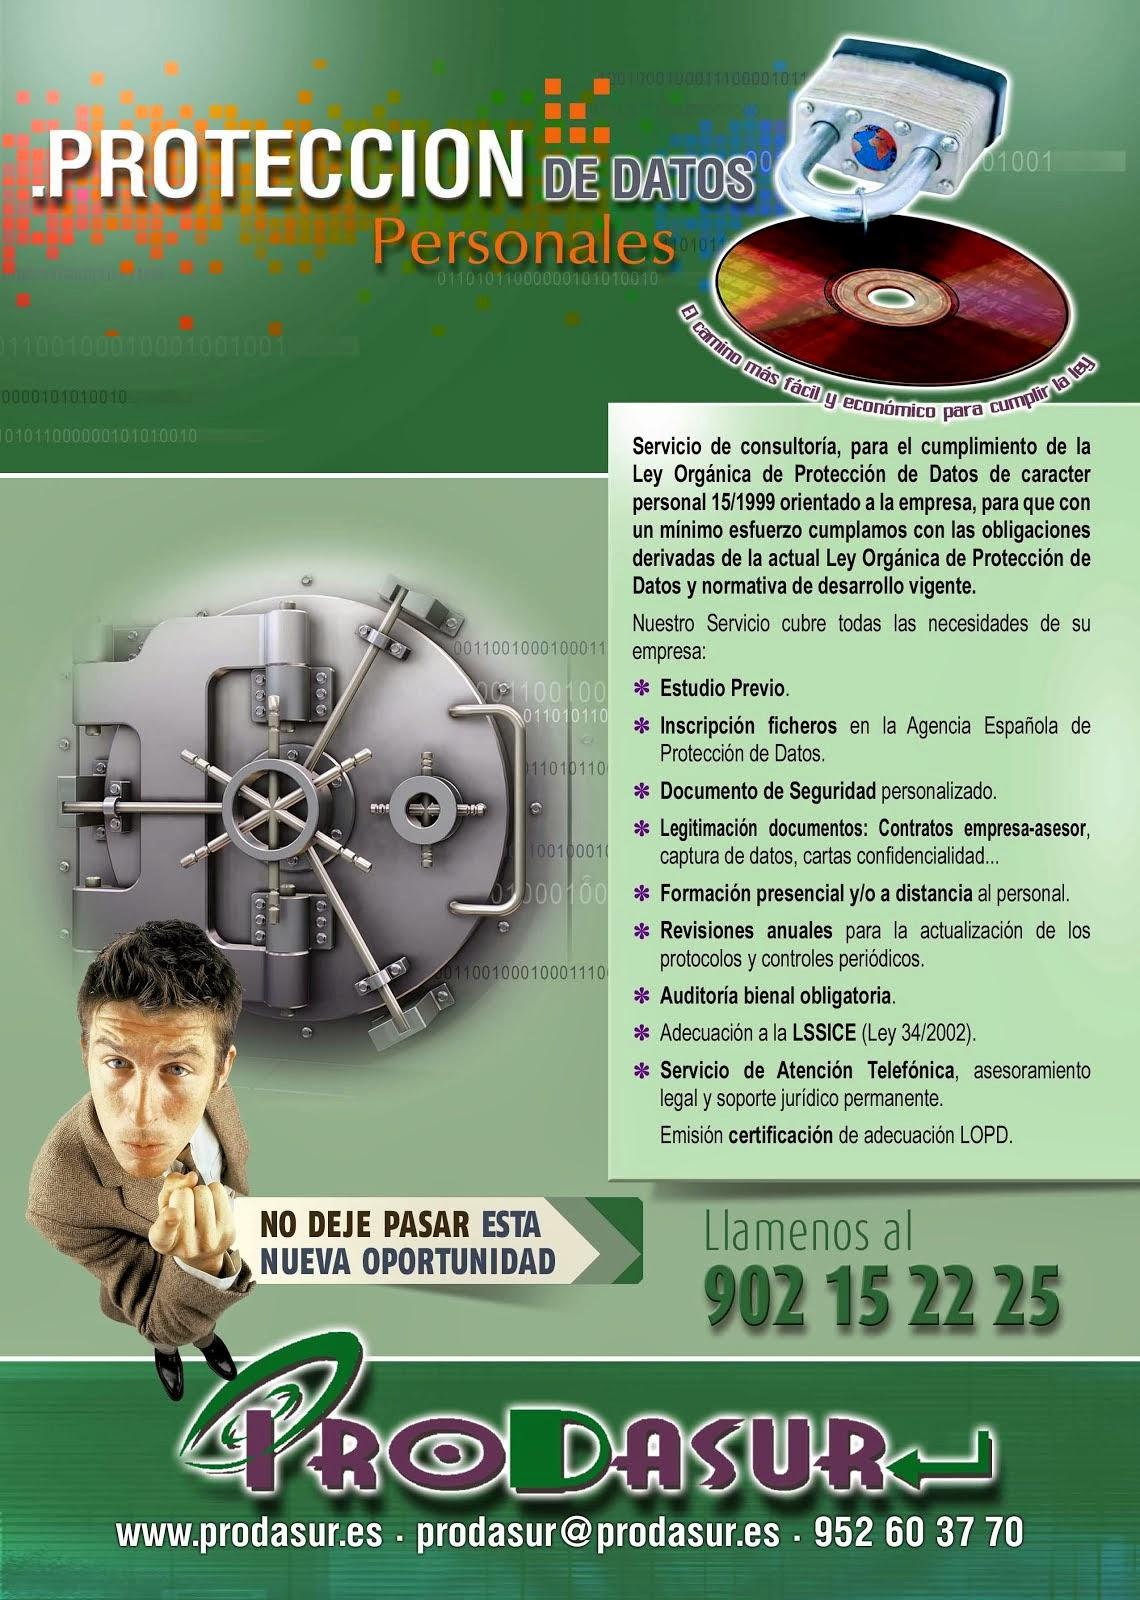 Ofertas especiales Adaptación a la LOPD hasta 31/12/2016. Llámanos.